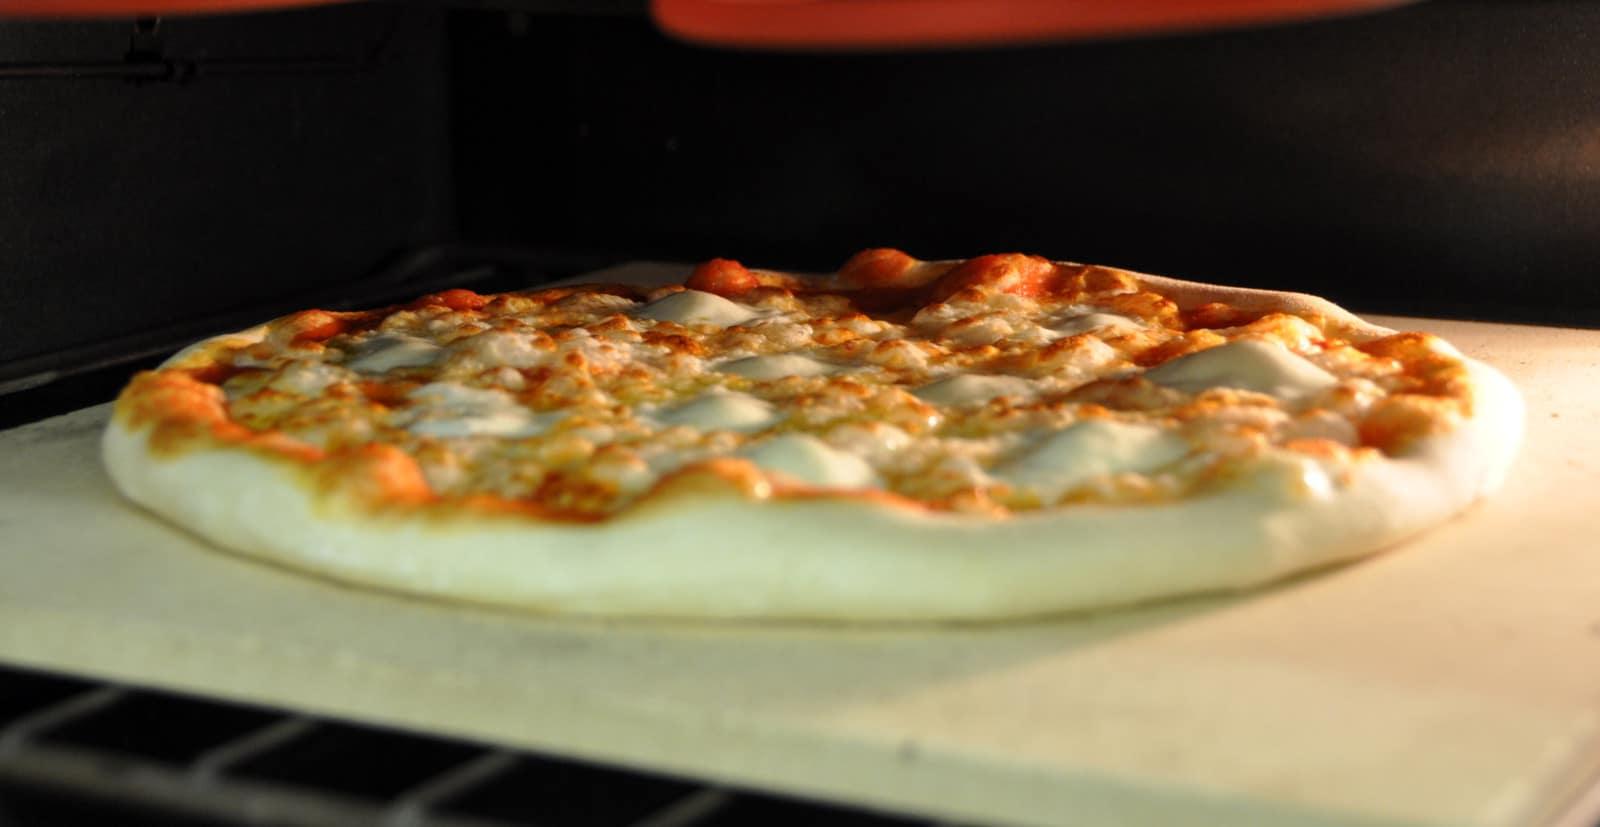 La migliore pietra refrattaria per pizza tecnosfera - Miglior forno elettrico per pizzeria ...